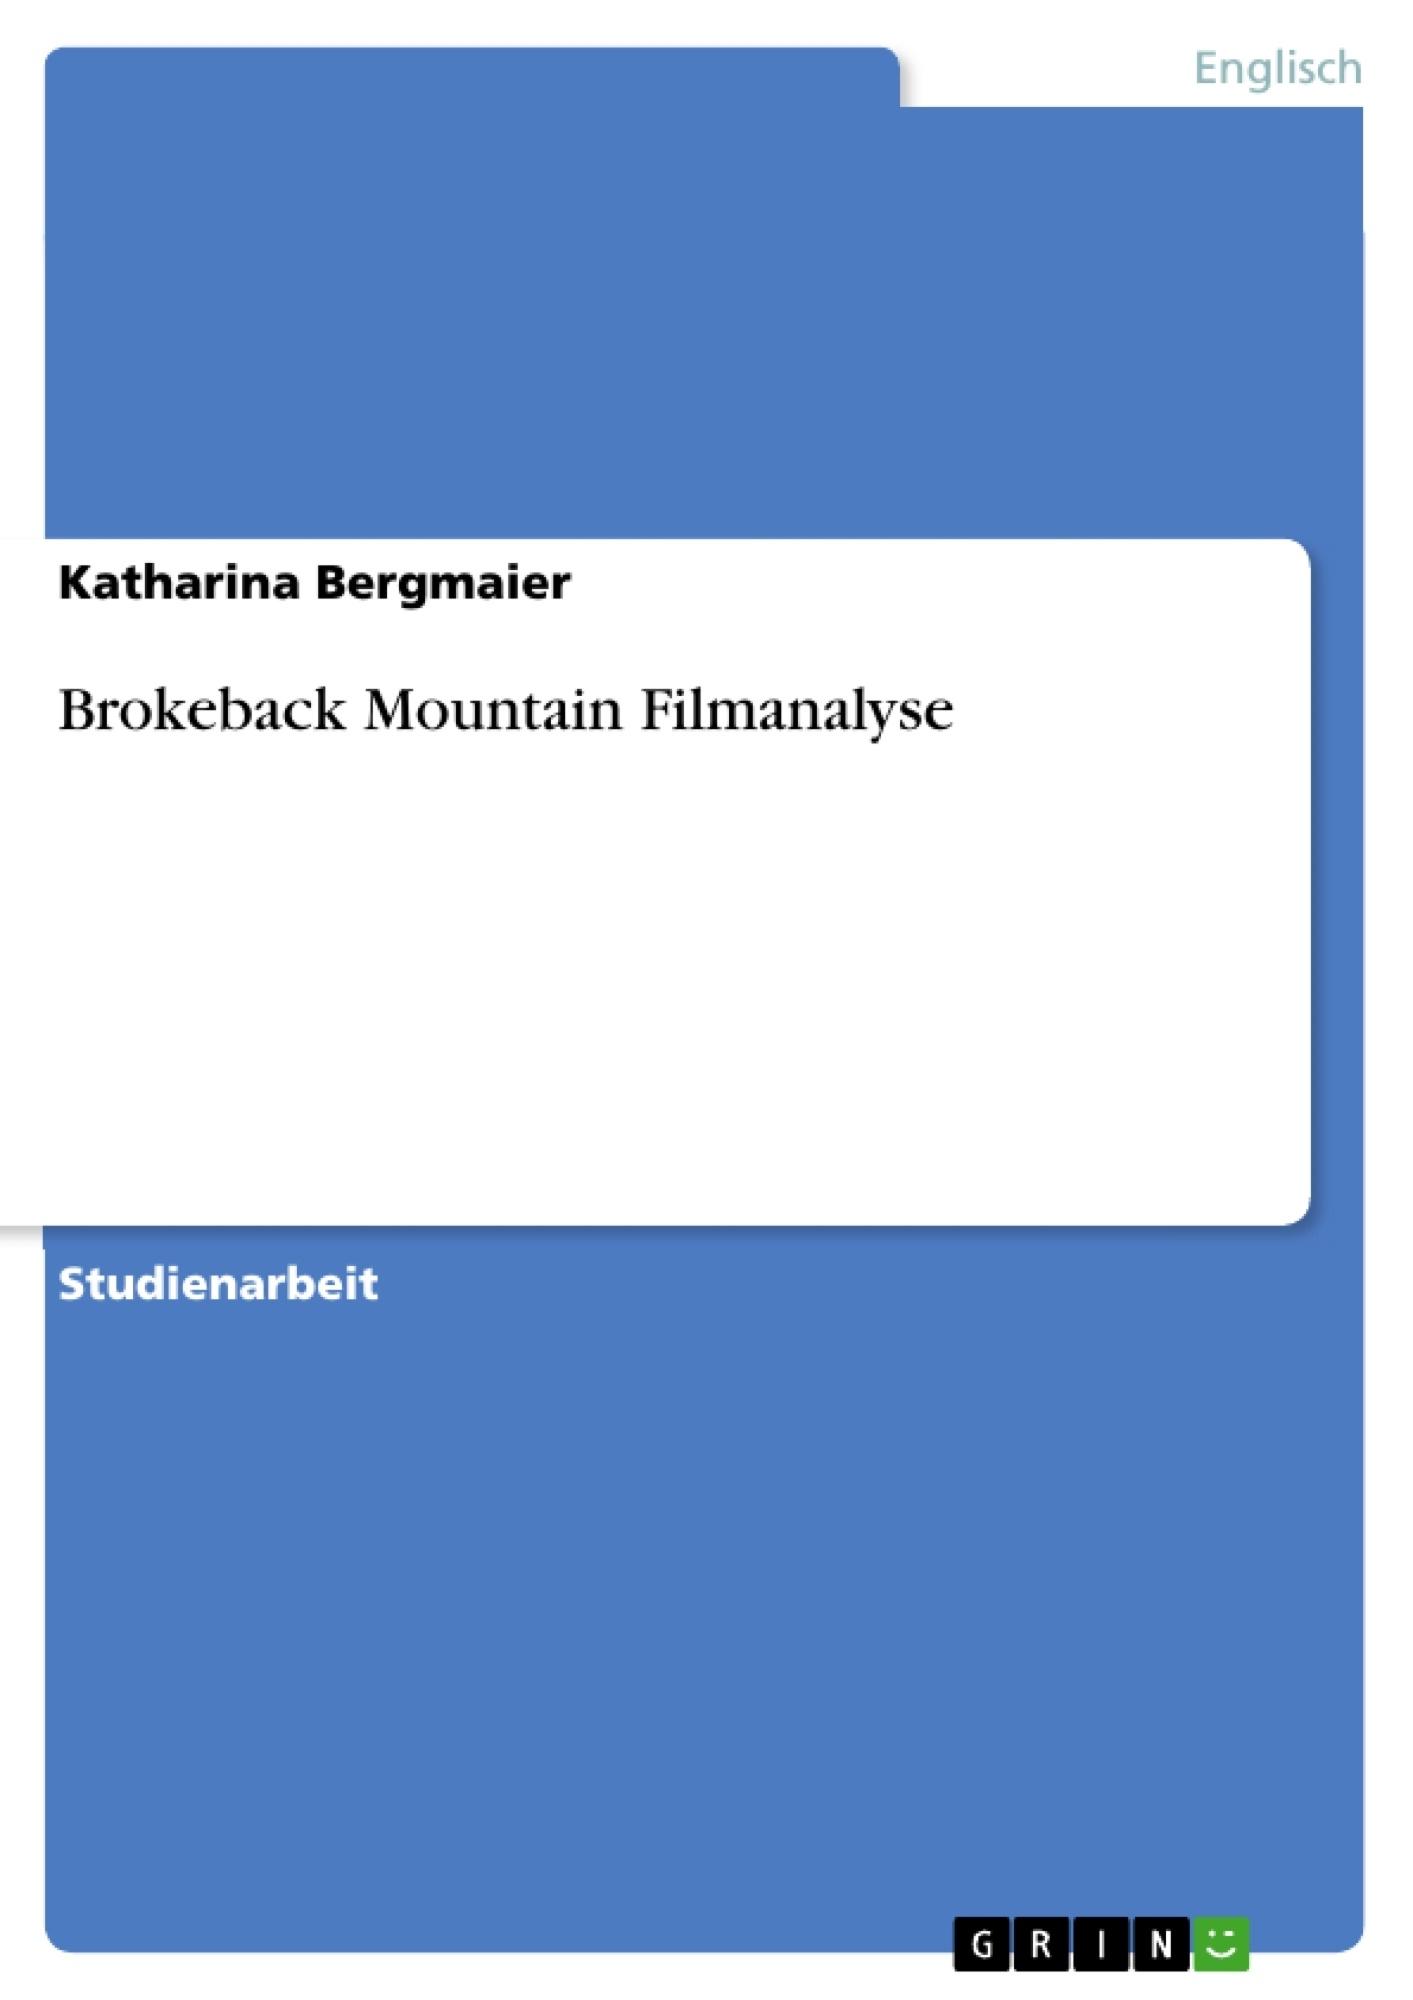 Titel: Brokeback Mountain Filmanalyse